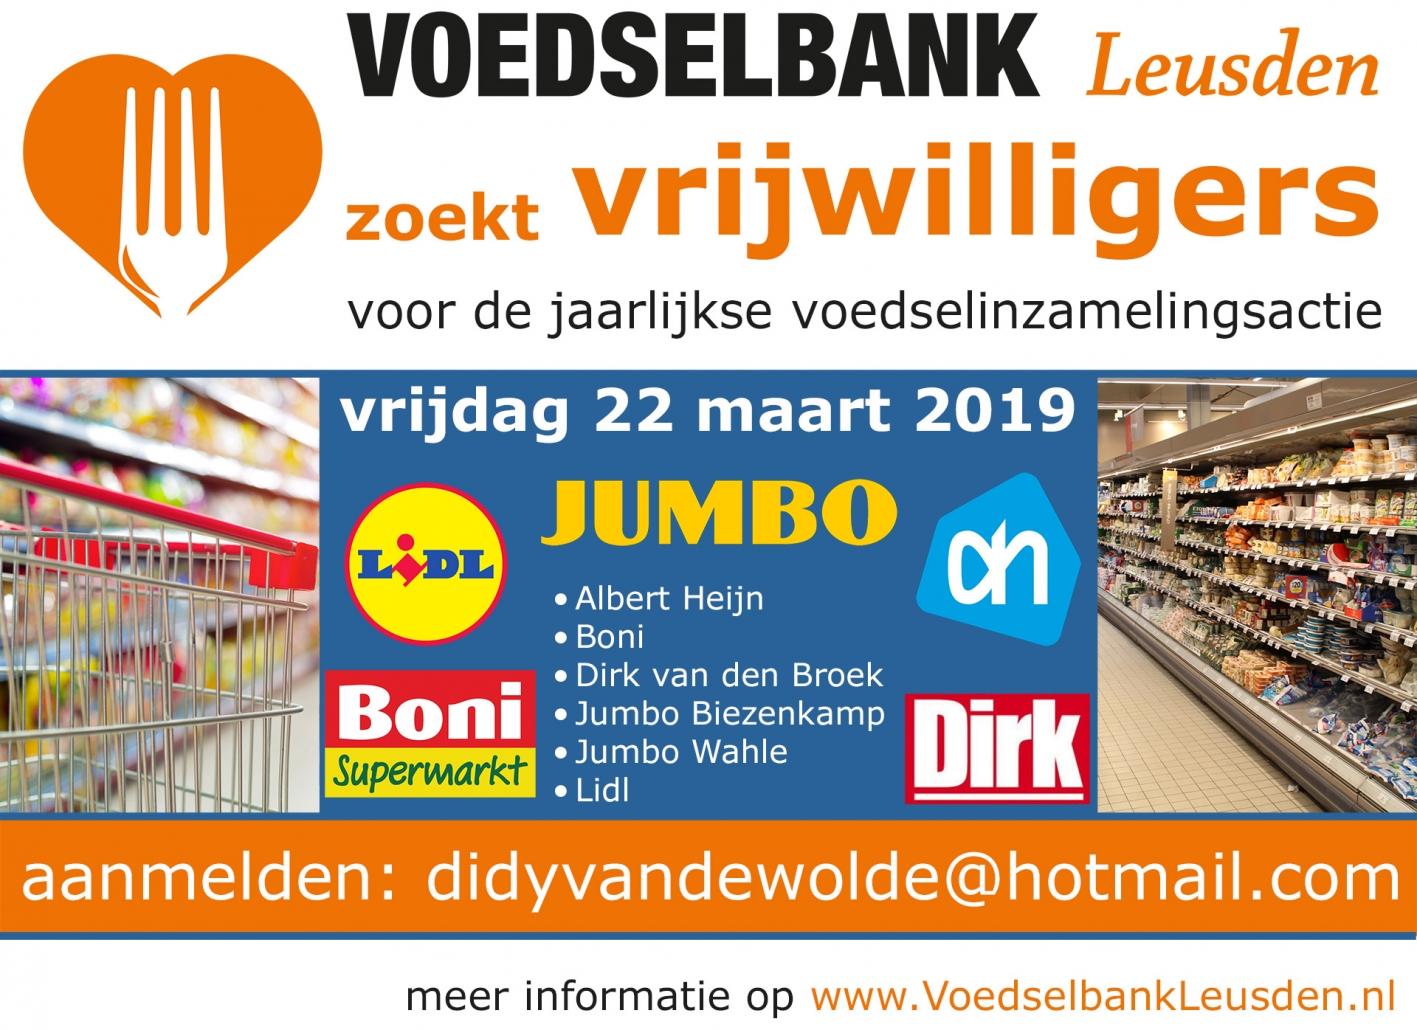 voedselbank Leusden zoekt vrijwilligers om voedsel in te zamelen.